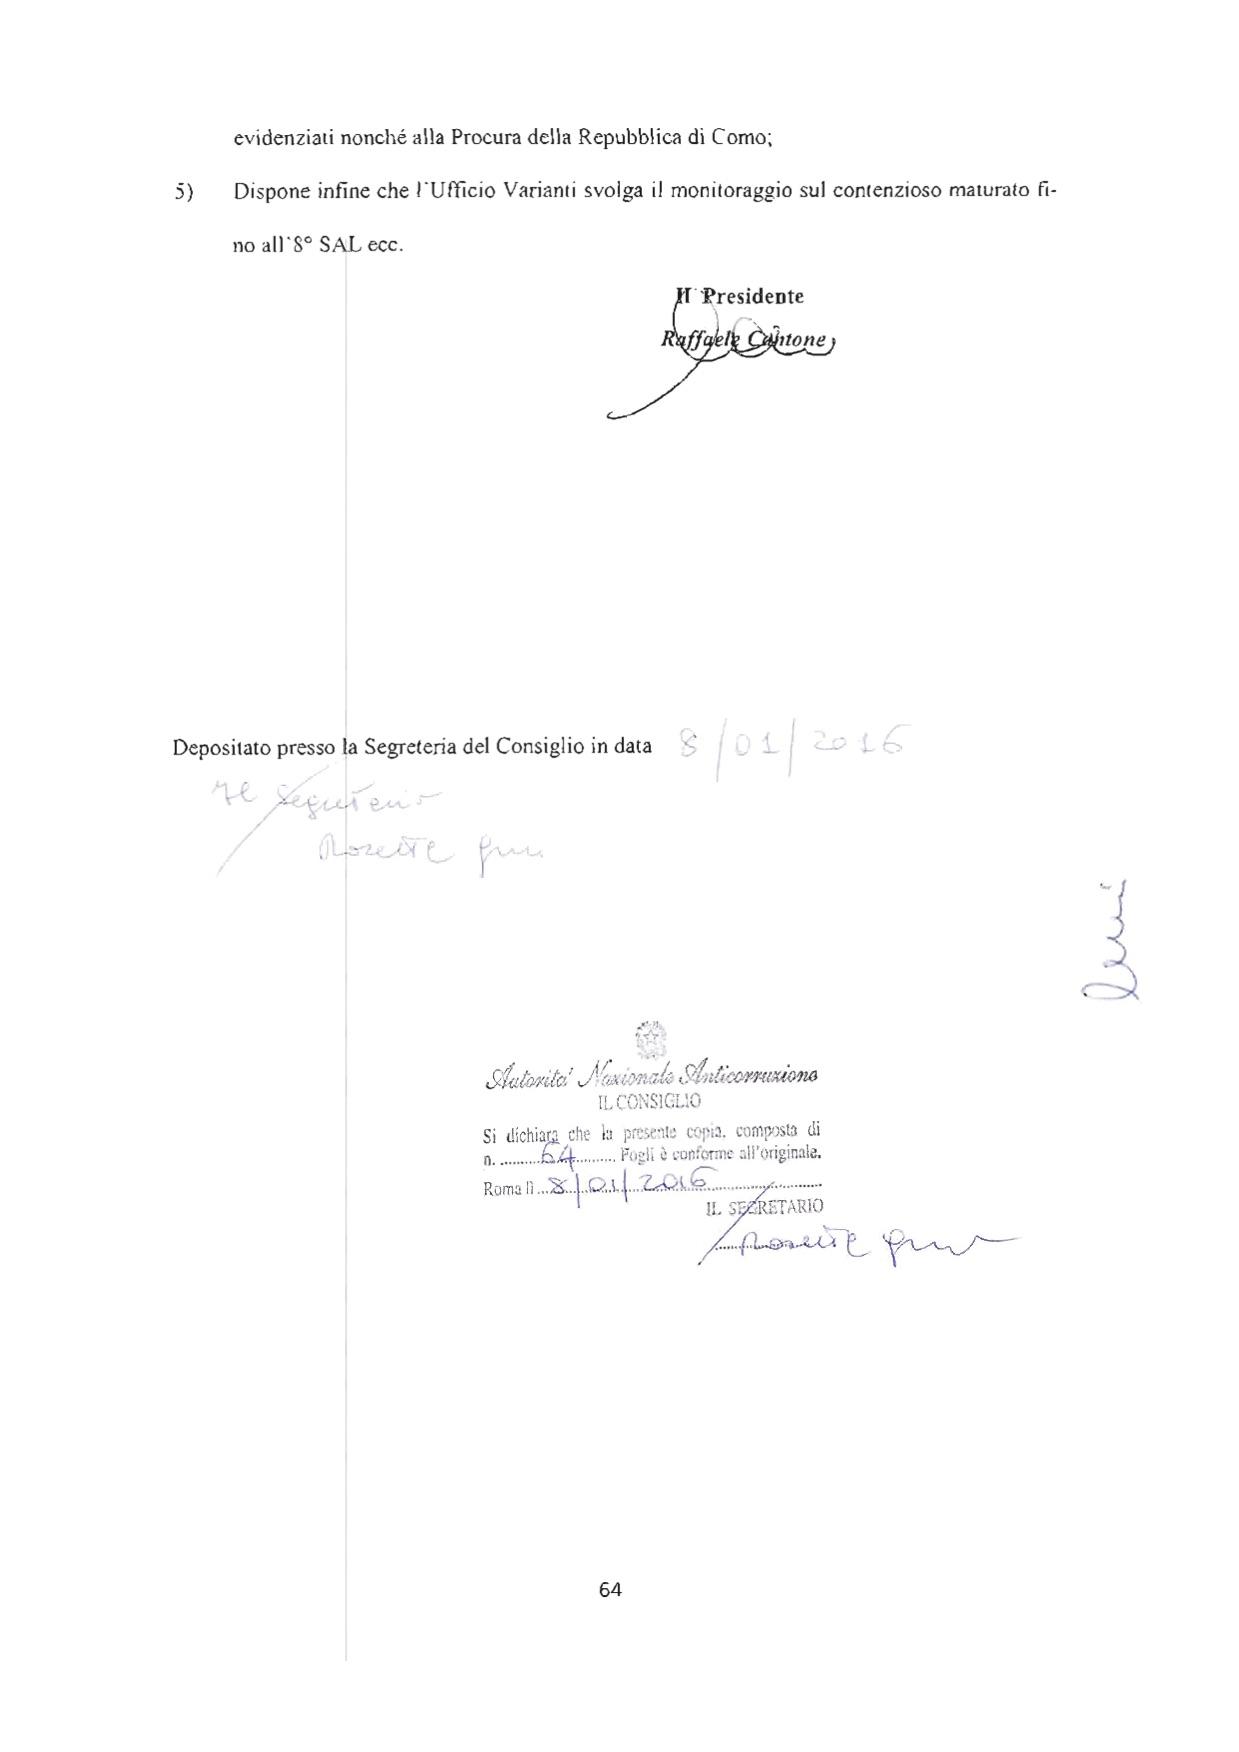 ANAC - Delibera finale pagina 64